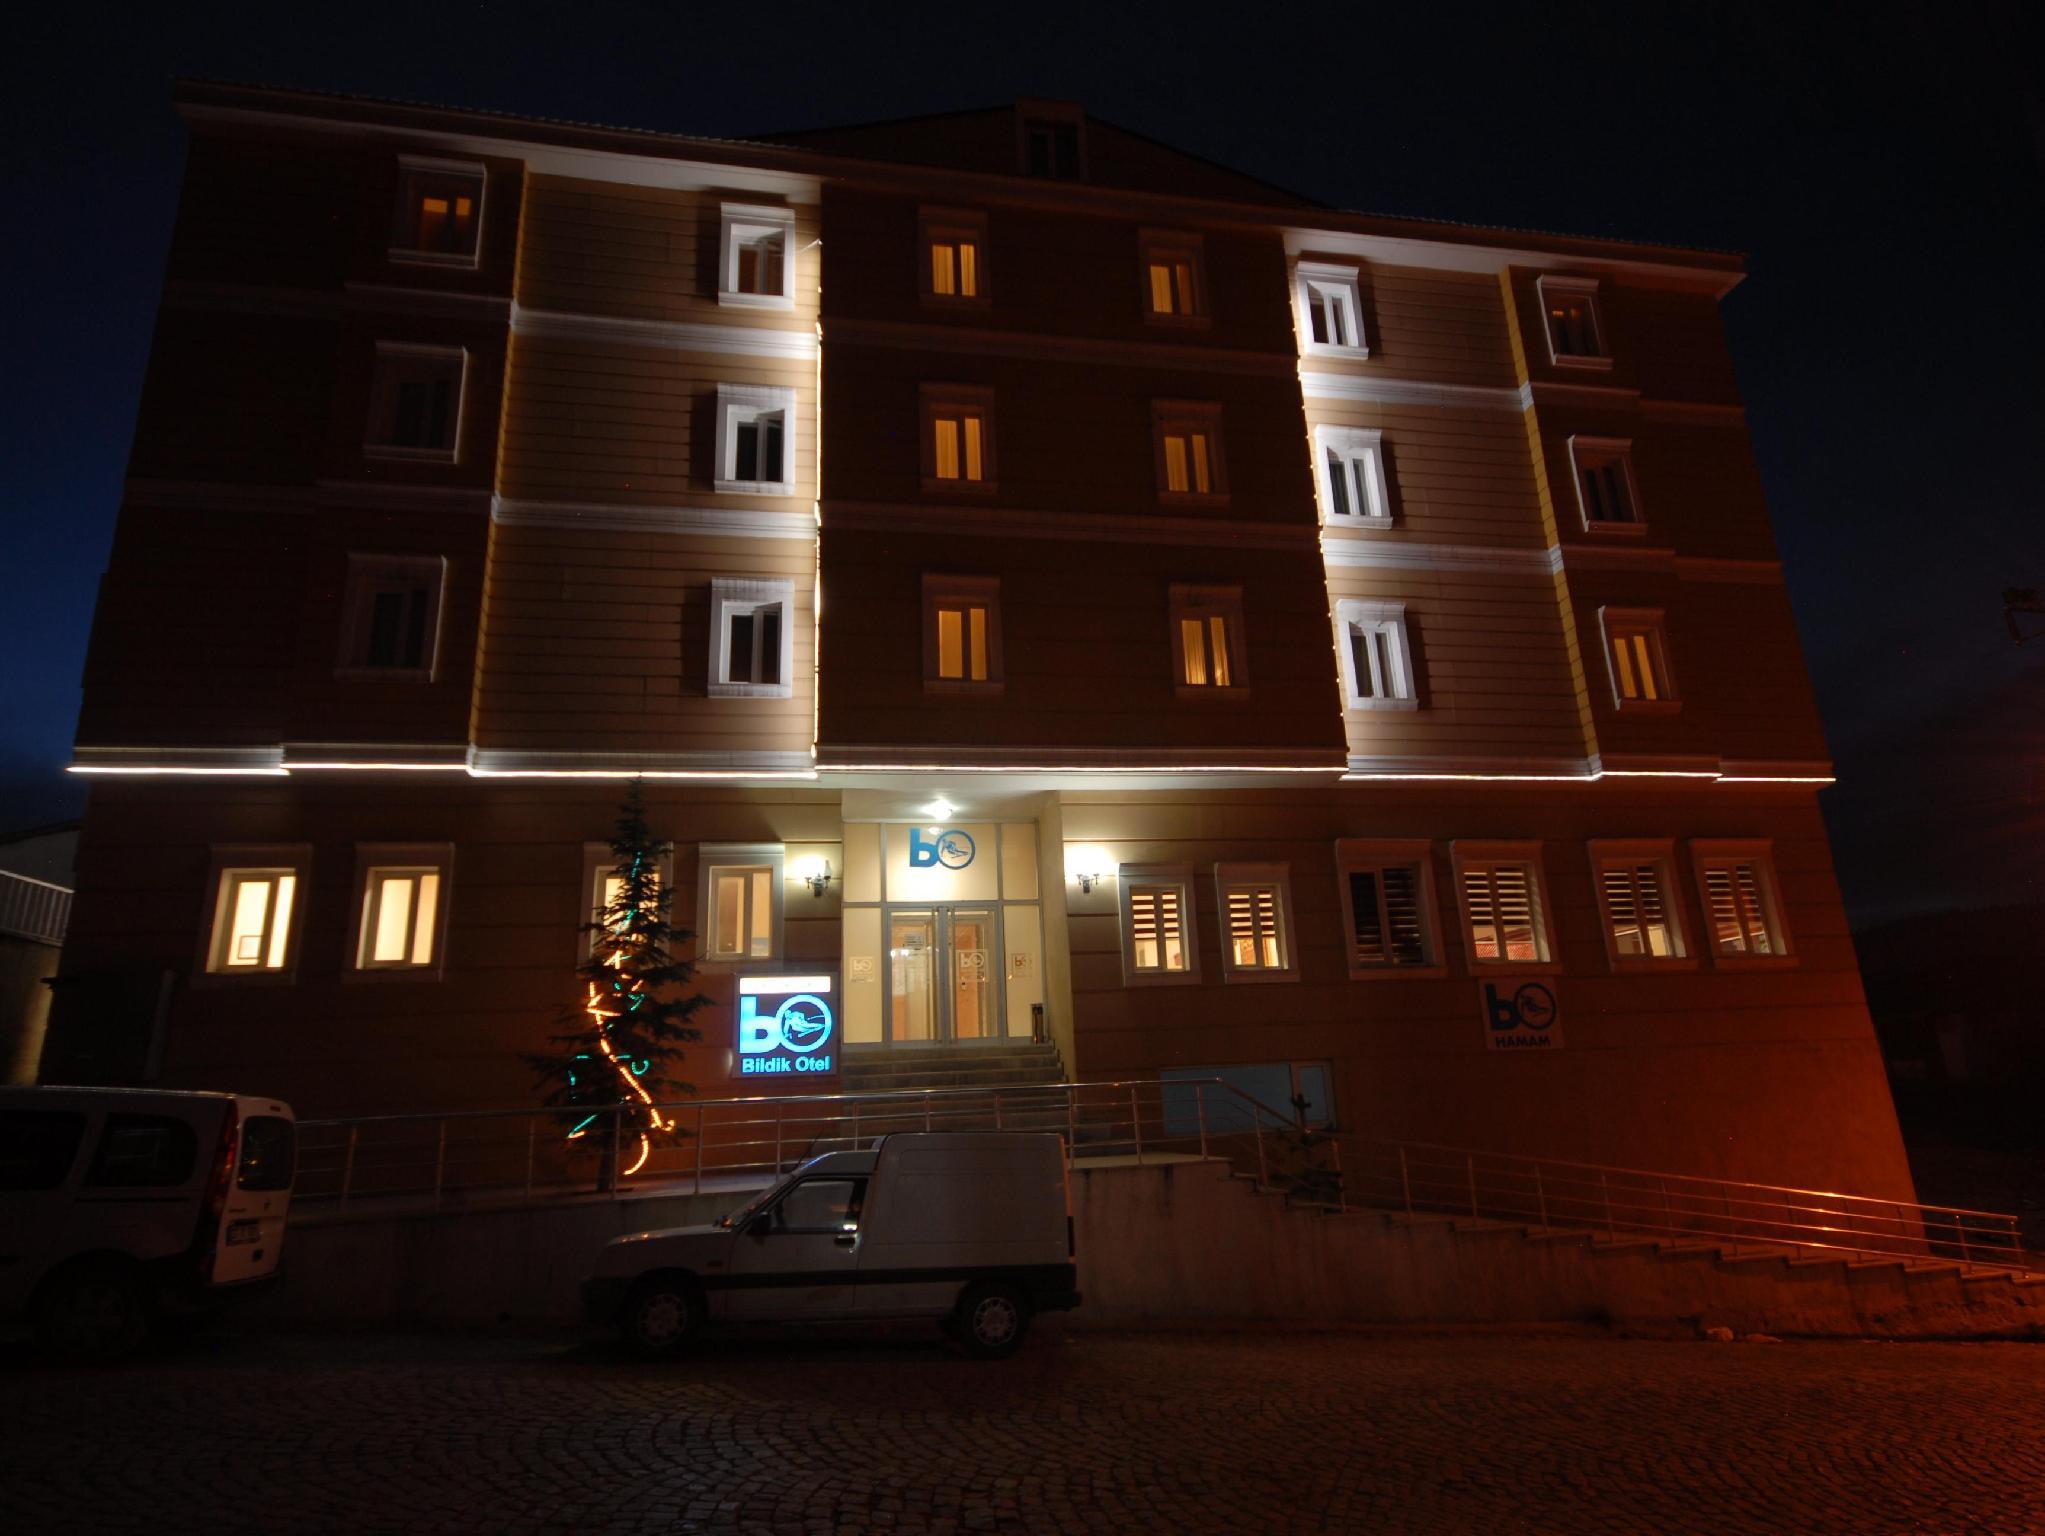 Bildik Hotel, Sarıkamış